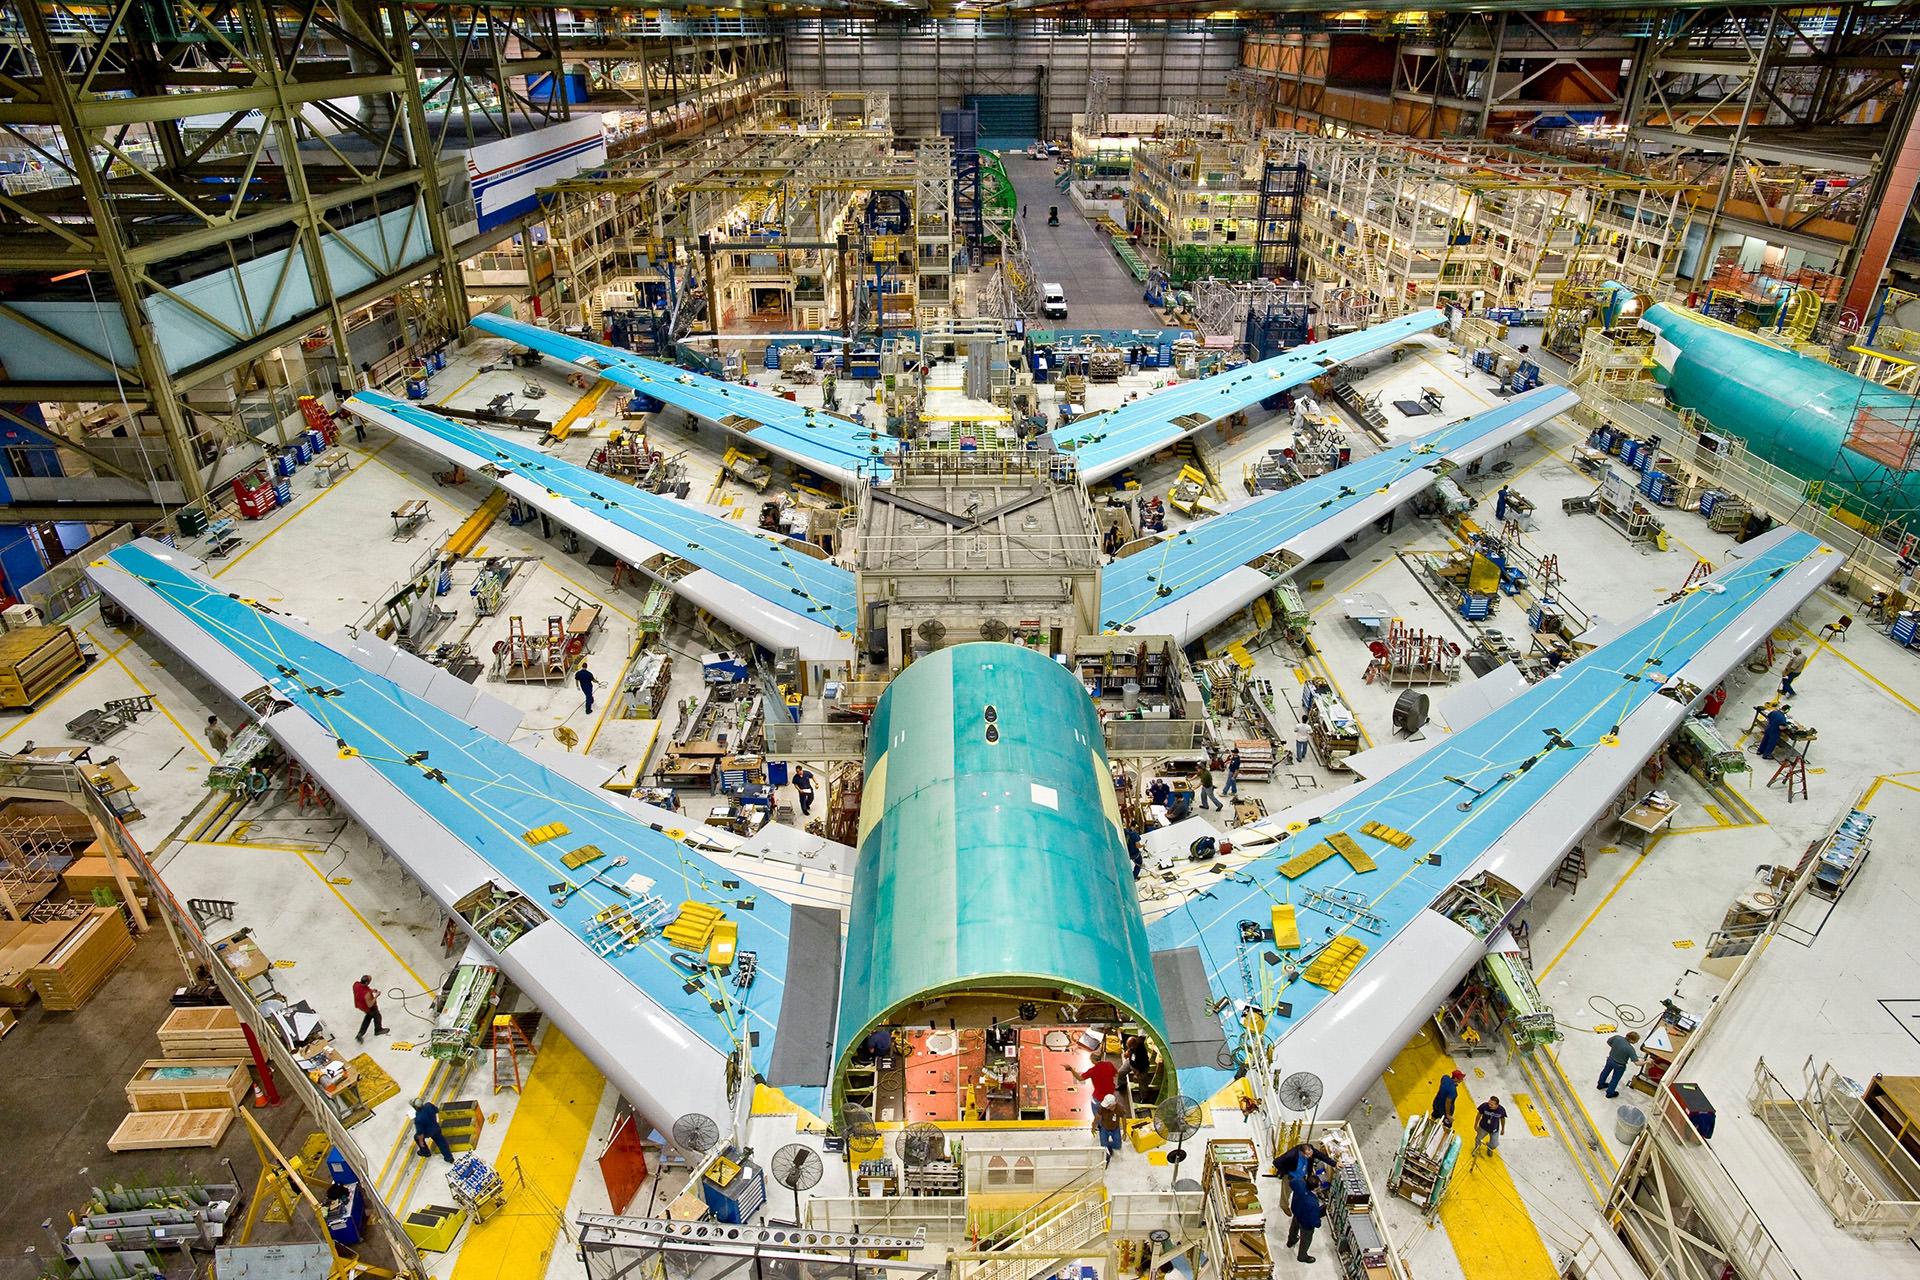 На завод не пускают с камерами, поэтому фотография цеха 747-го — с сайта Боинга.